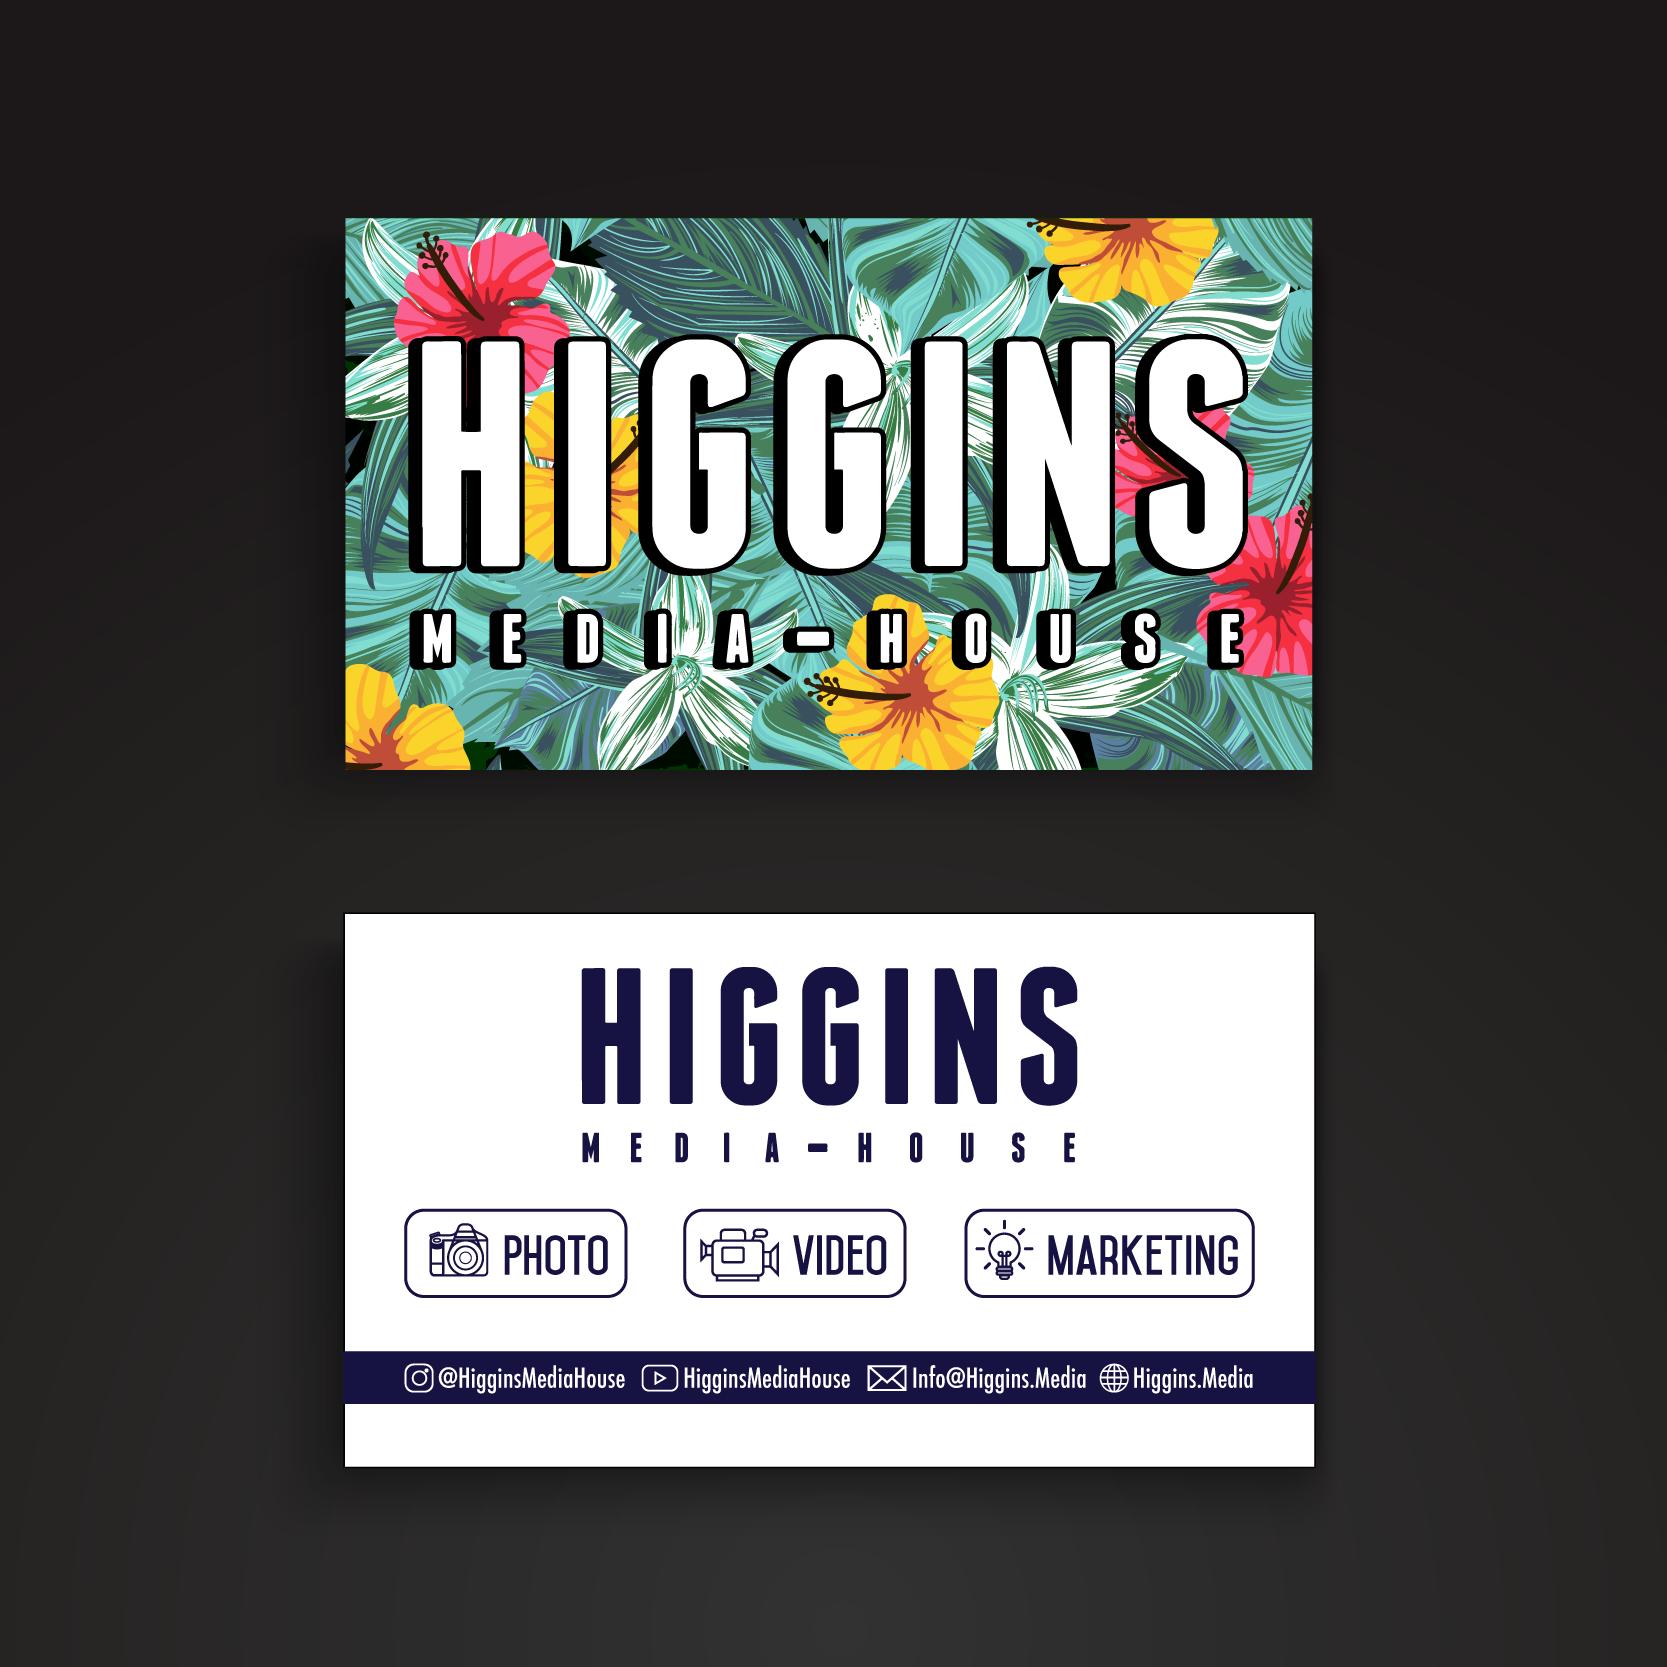 Higgins Media House Business Cards